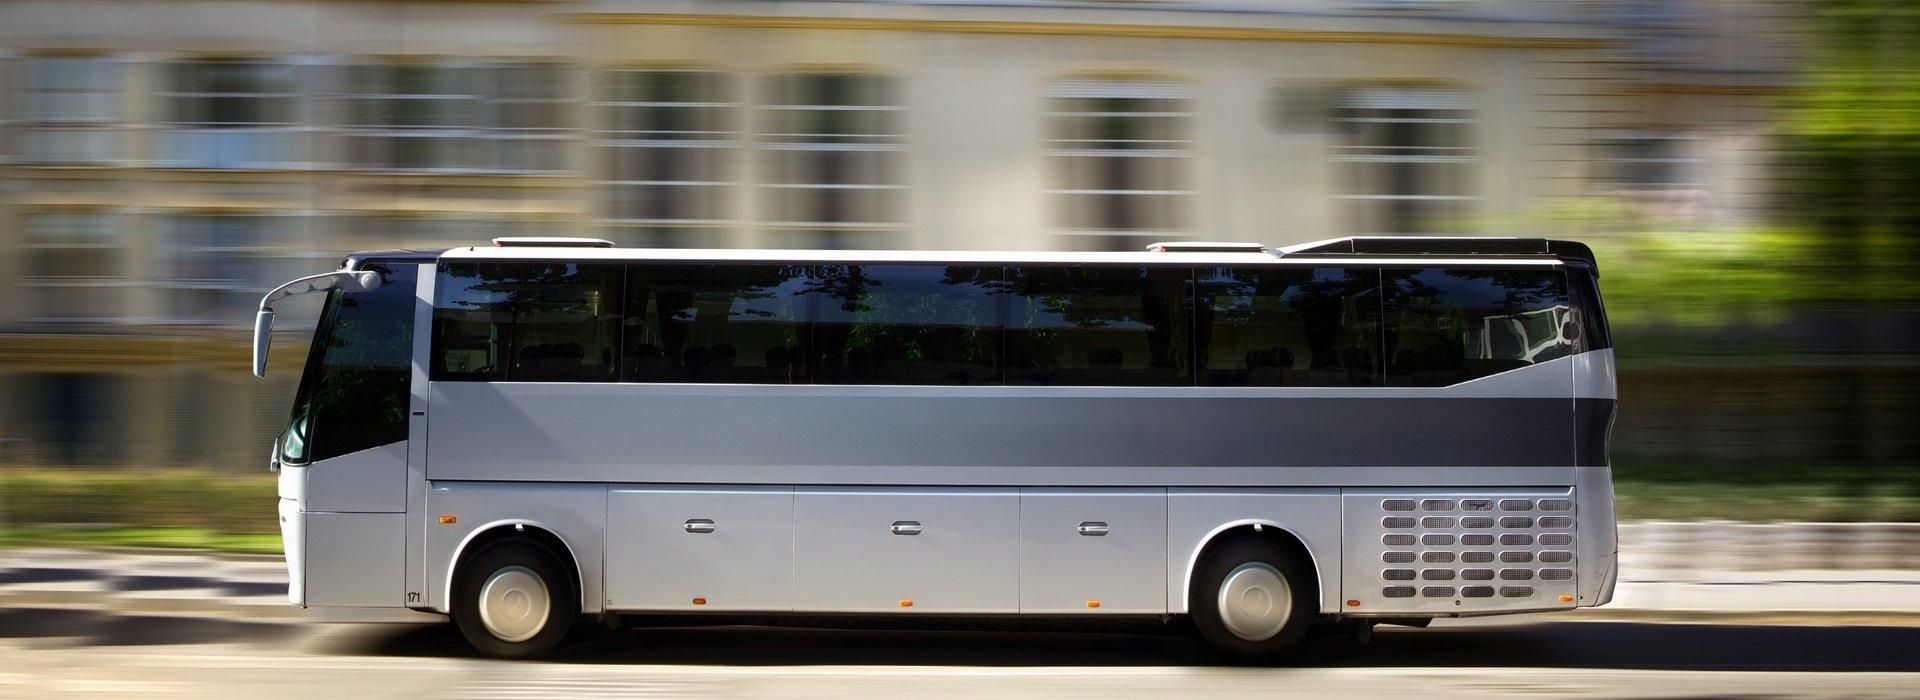 Bus Mieten - Autovermietung - Reise